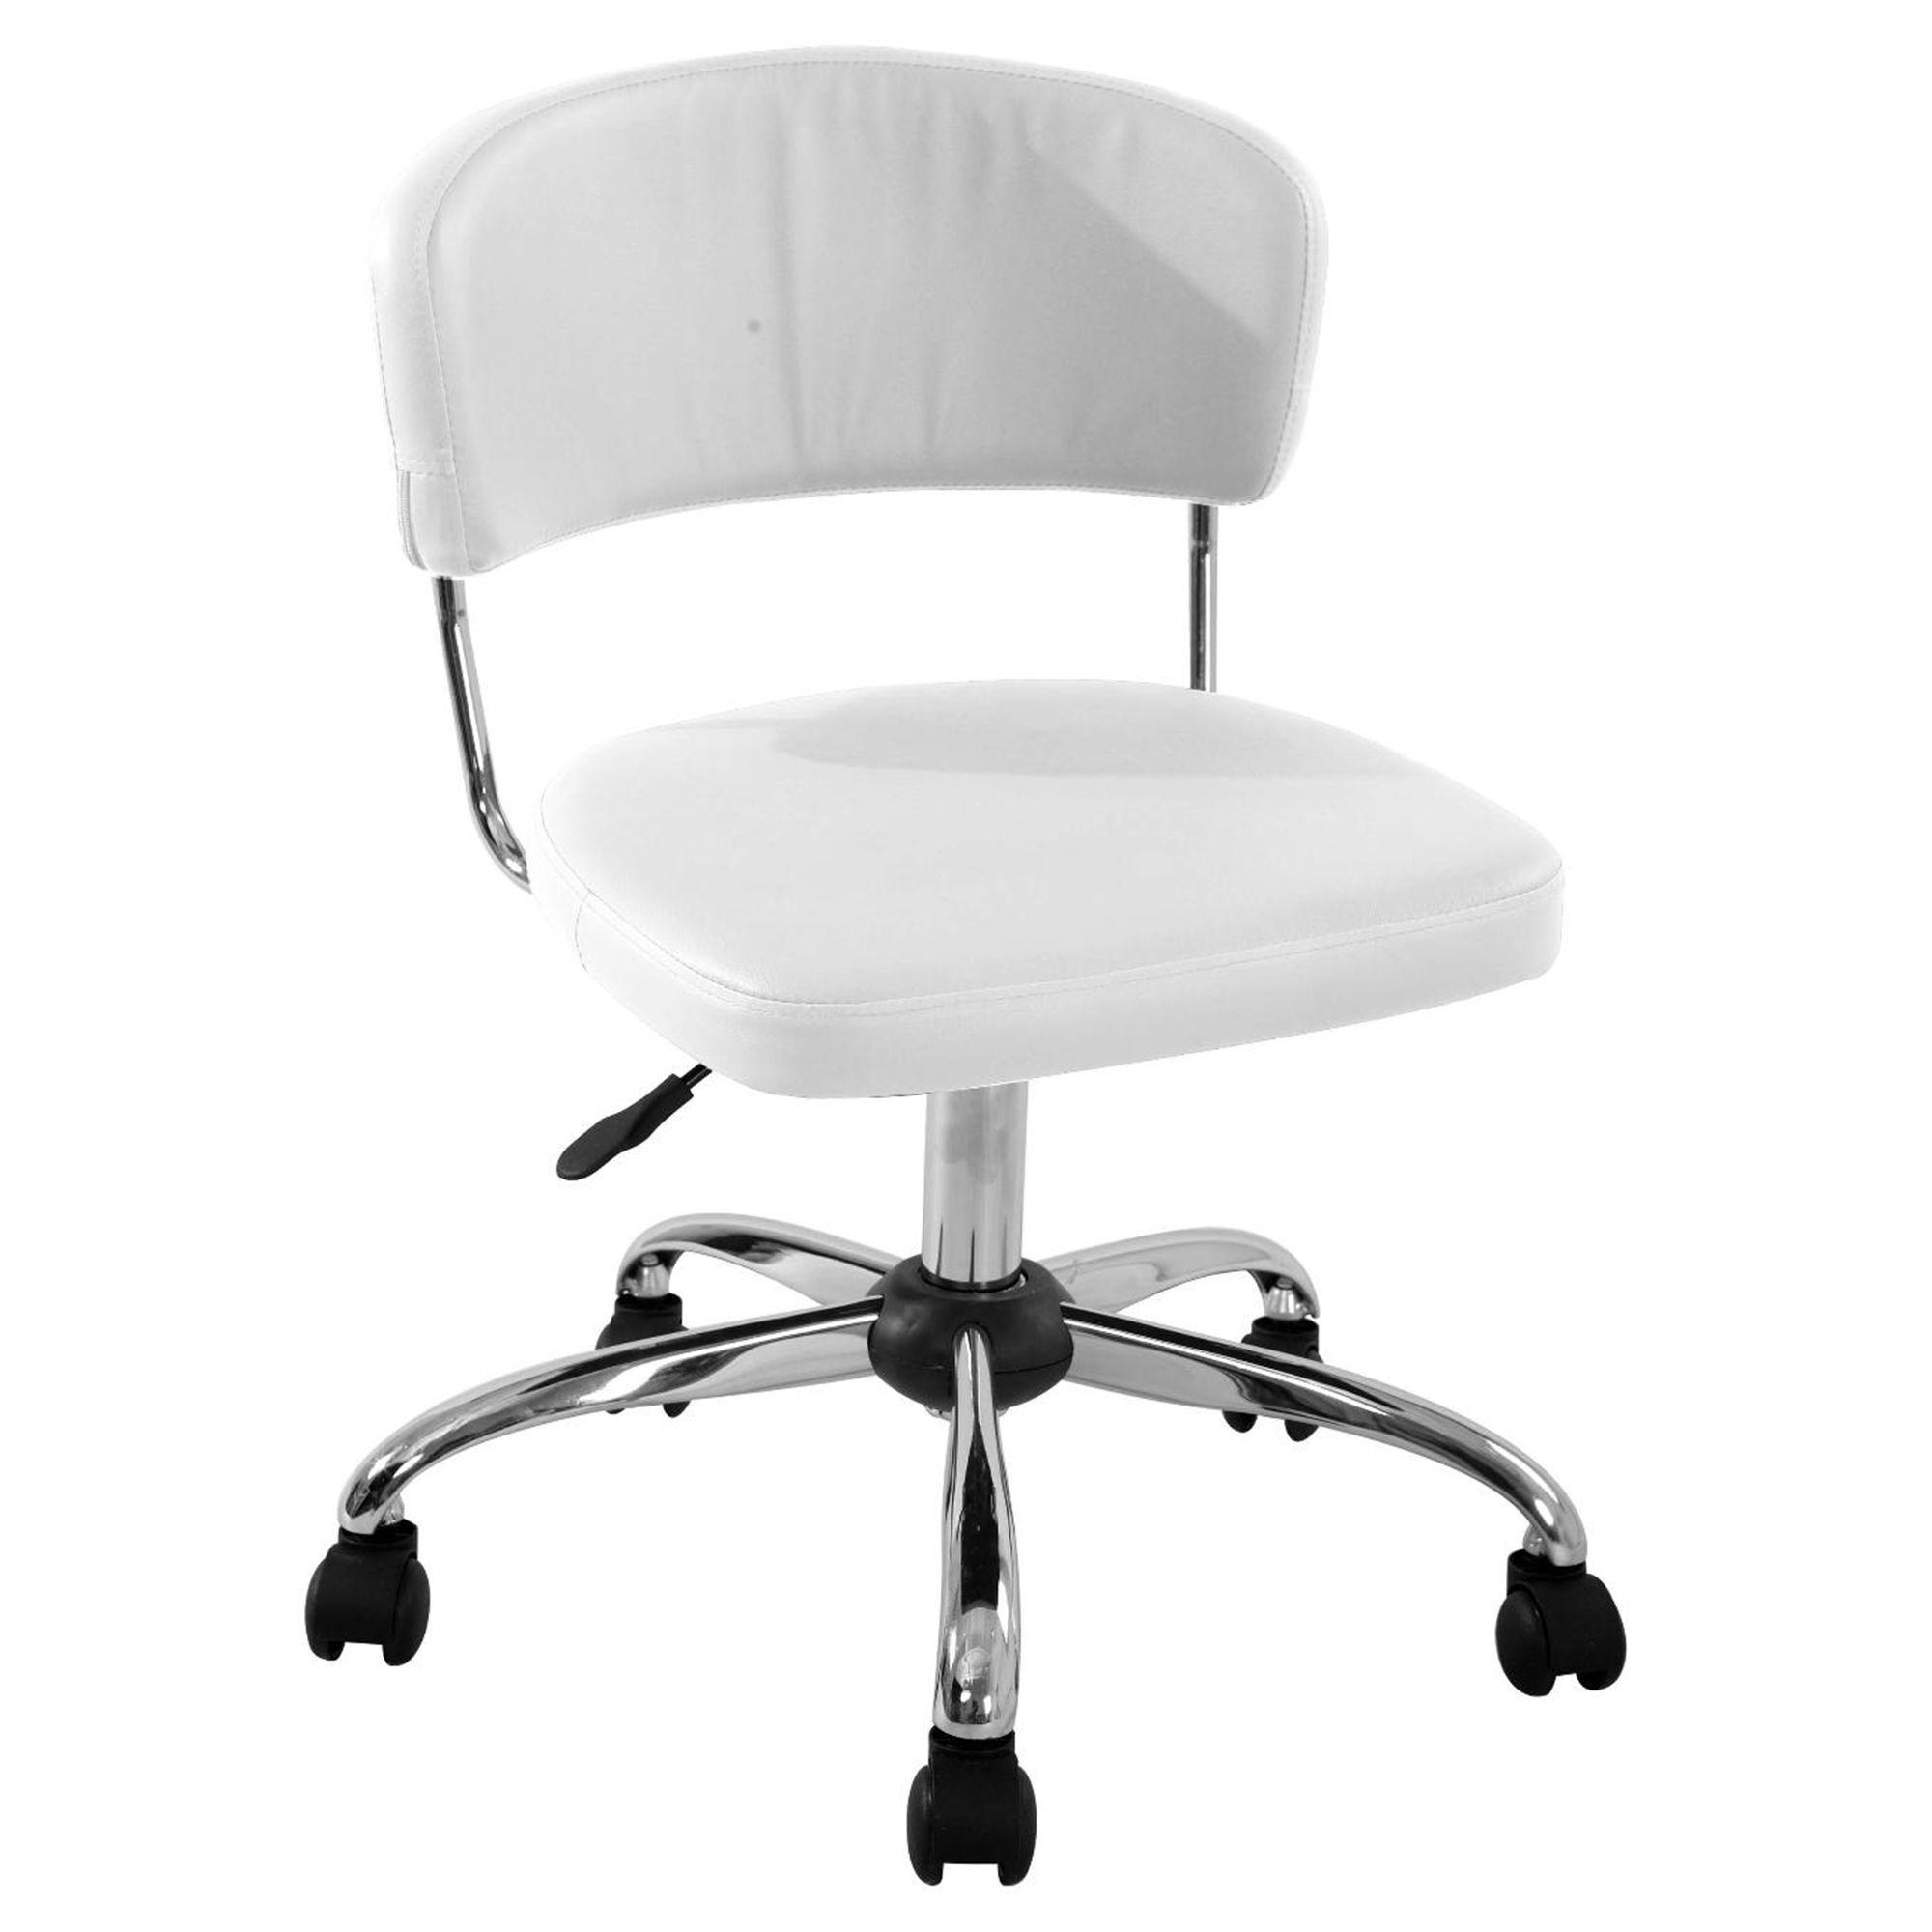 les fauteuils et chaises a roulettes